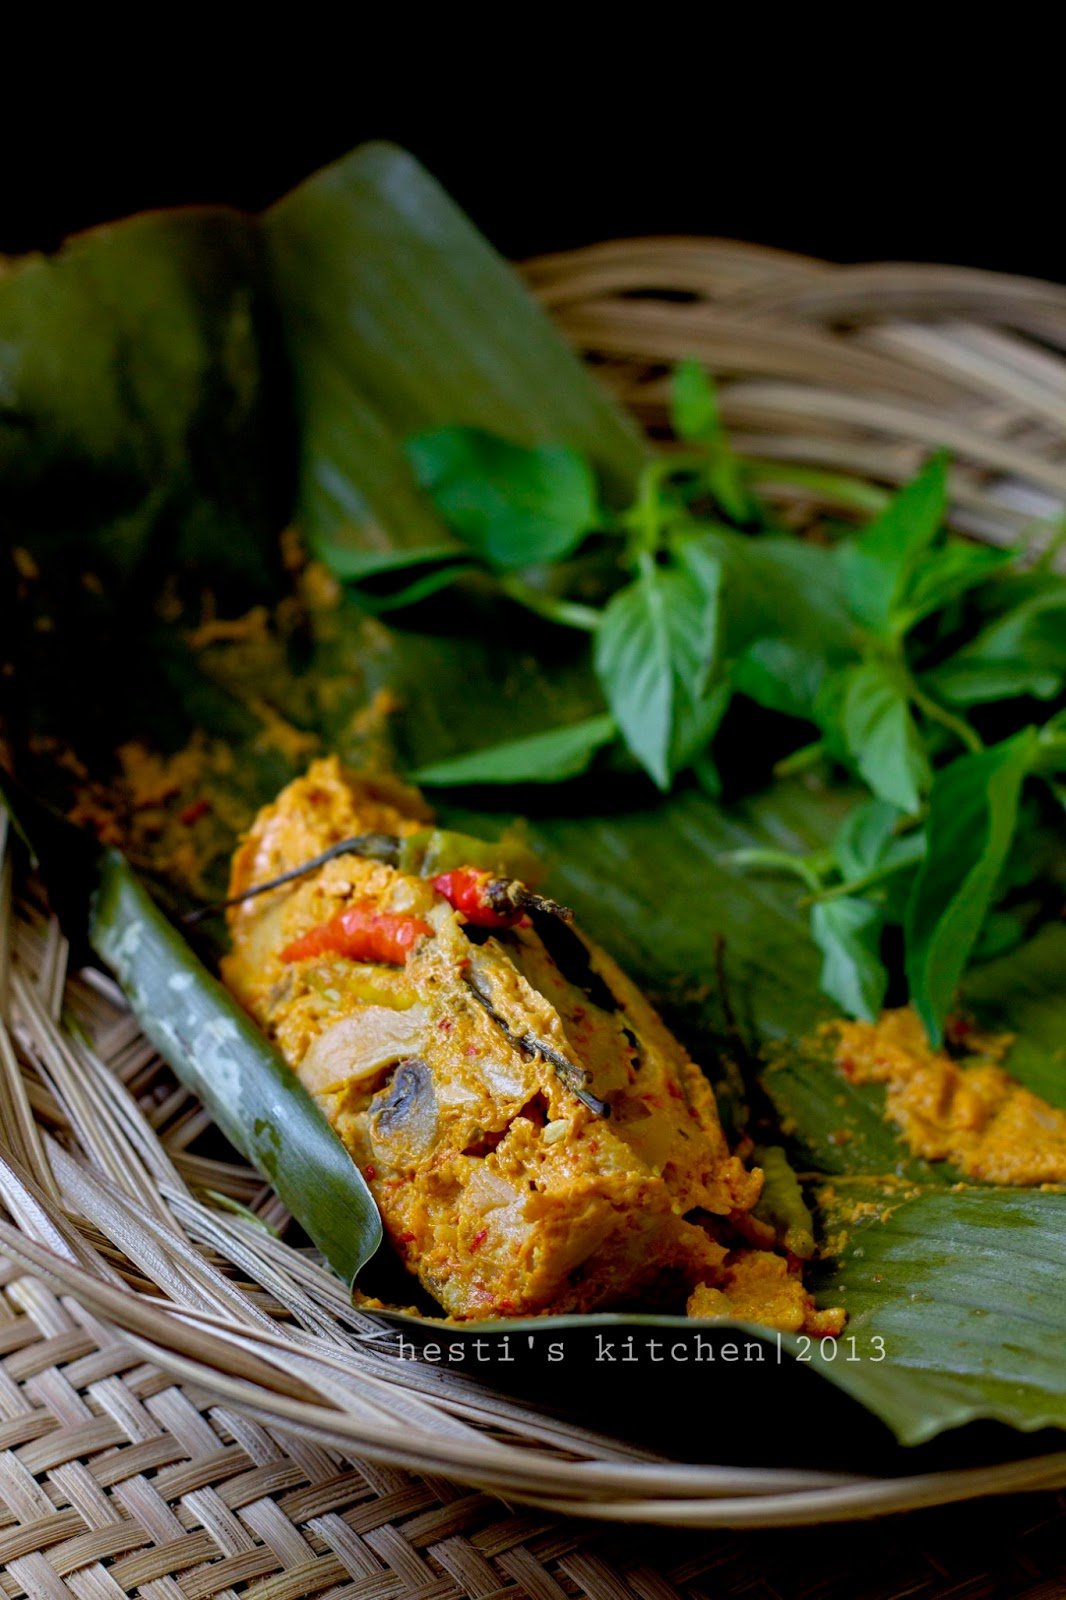 Resep Pepes Jamur Tiram : resep, pepes, jamur, tiram, HESTI'S, KITCHEN, Yummy, Tummy:, Pepes, Jamur